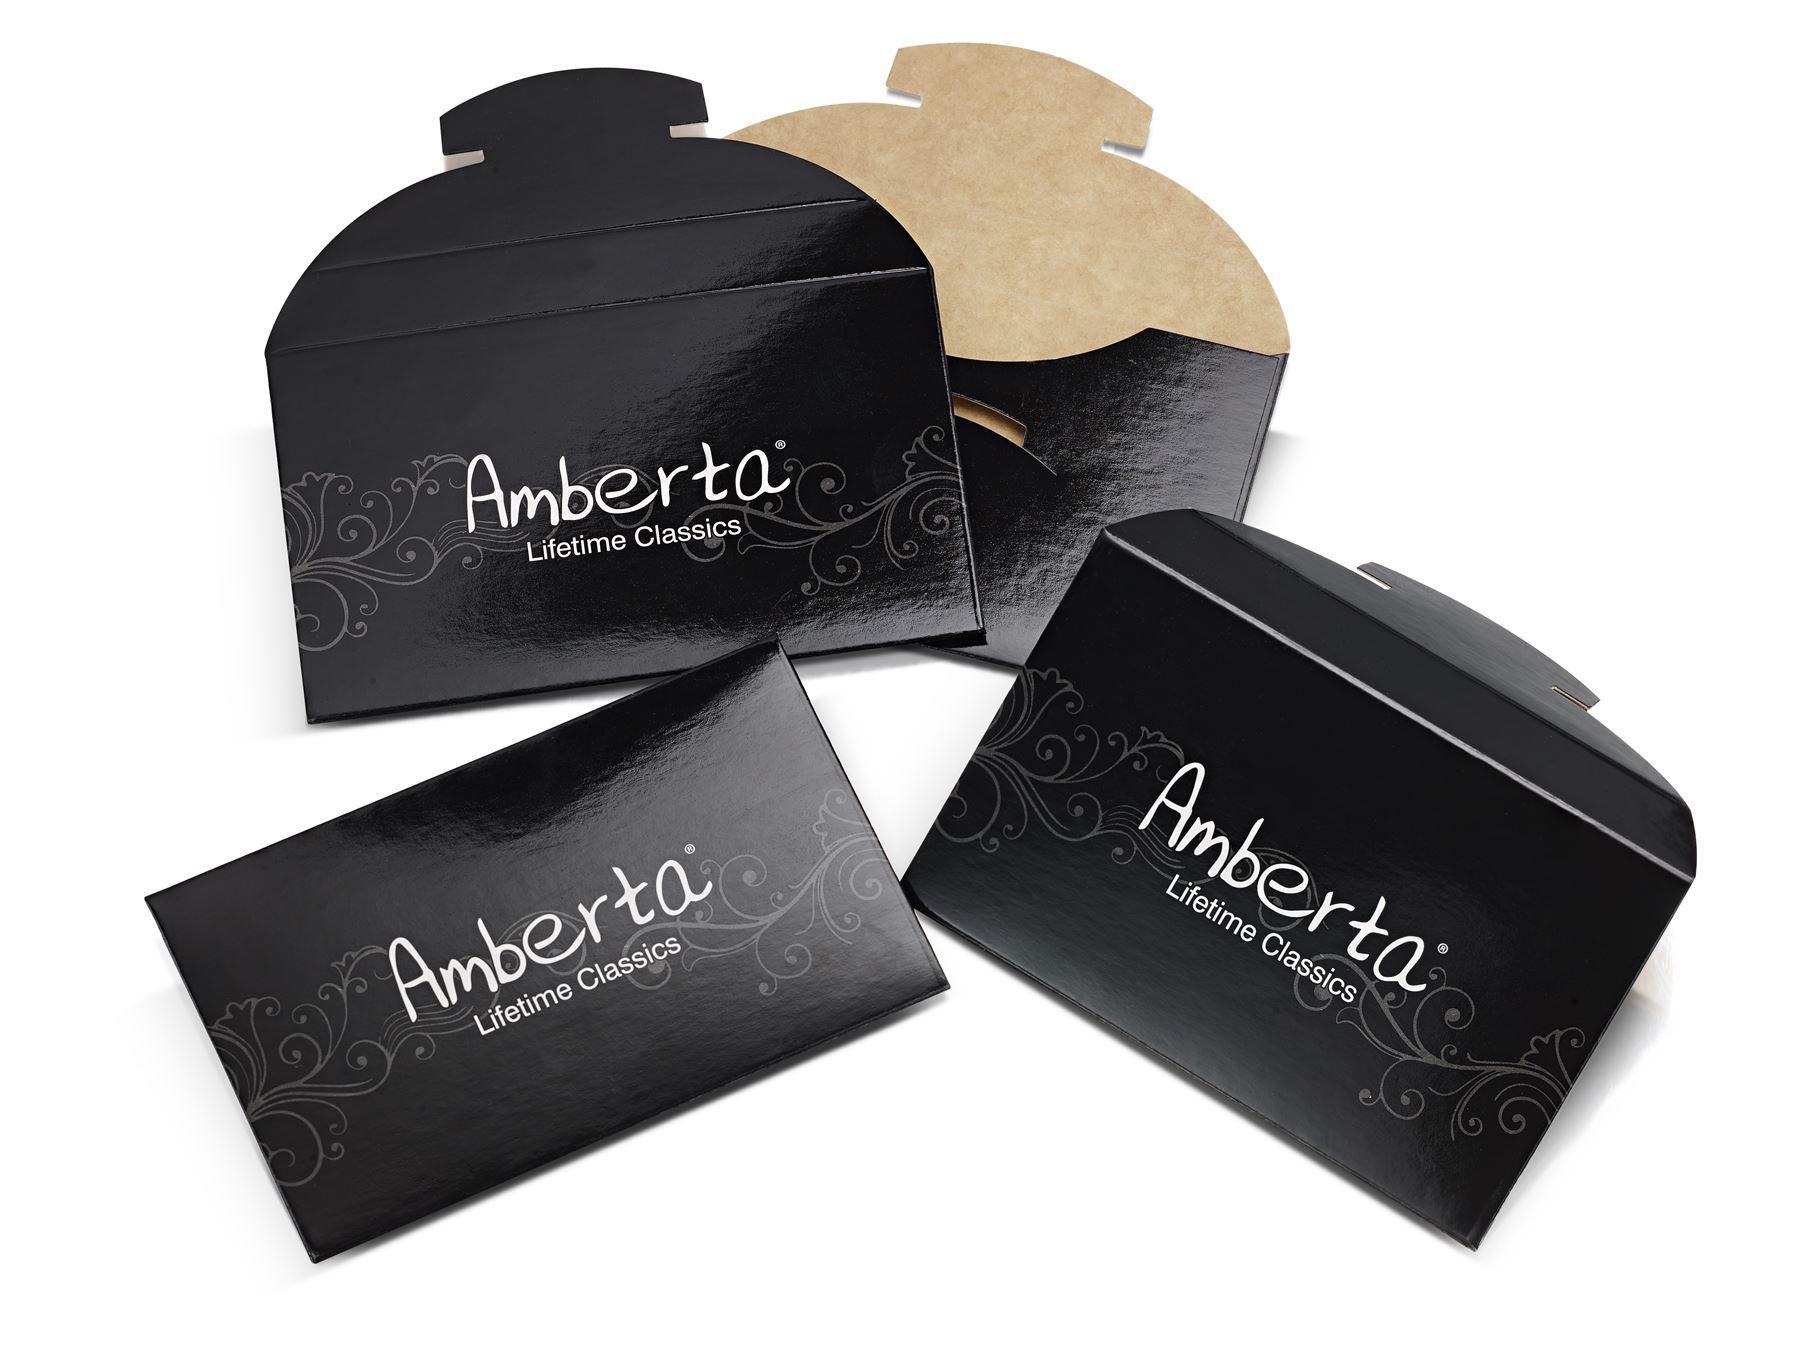 Amberta-Bijoux-Bracelet-en-Vrai-Argent-Sterling-925-Chaine-pour-Femme-a-la-Mode thumbnail 97